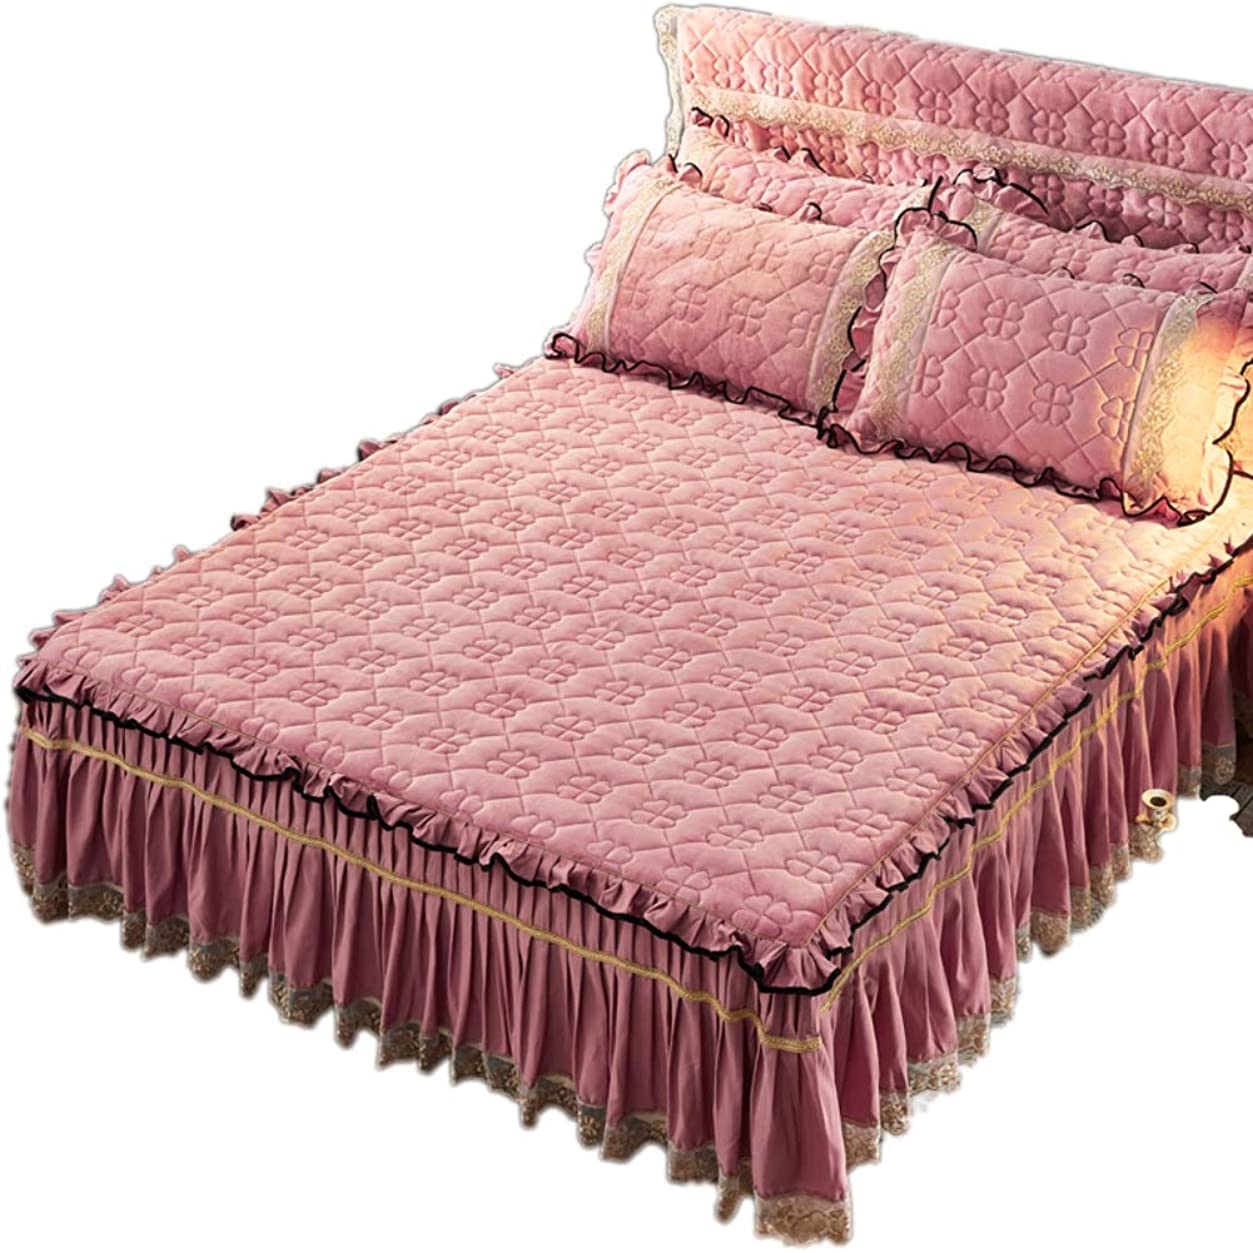 下る前奏曲類推3 つの布側面 ラップ ベッドスカート, 弾性 固体 ベッド 簡単に 簡単オフ ほこり Ruffled 毛布 耐フェード-f 150x200cm